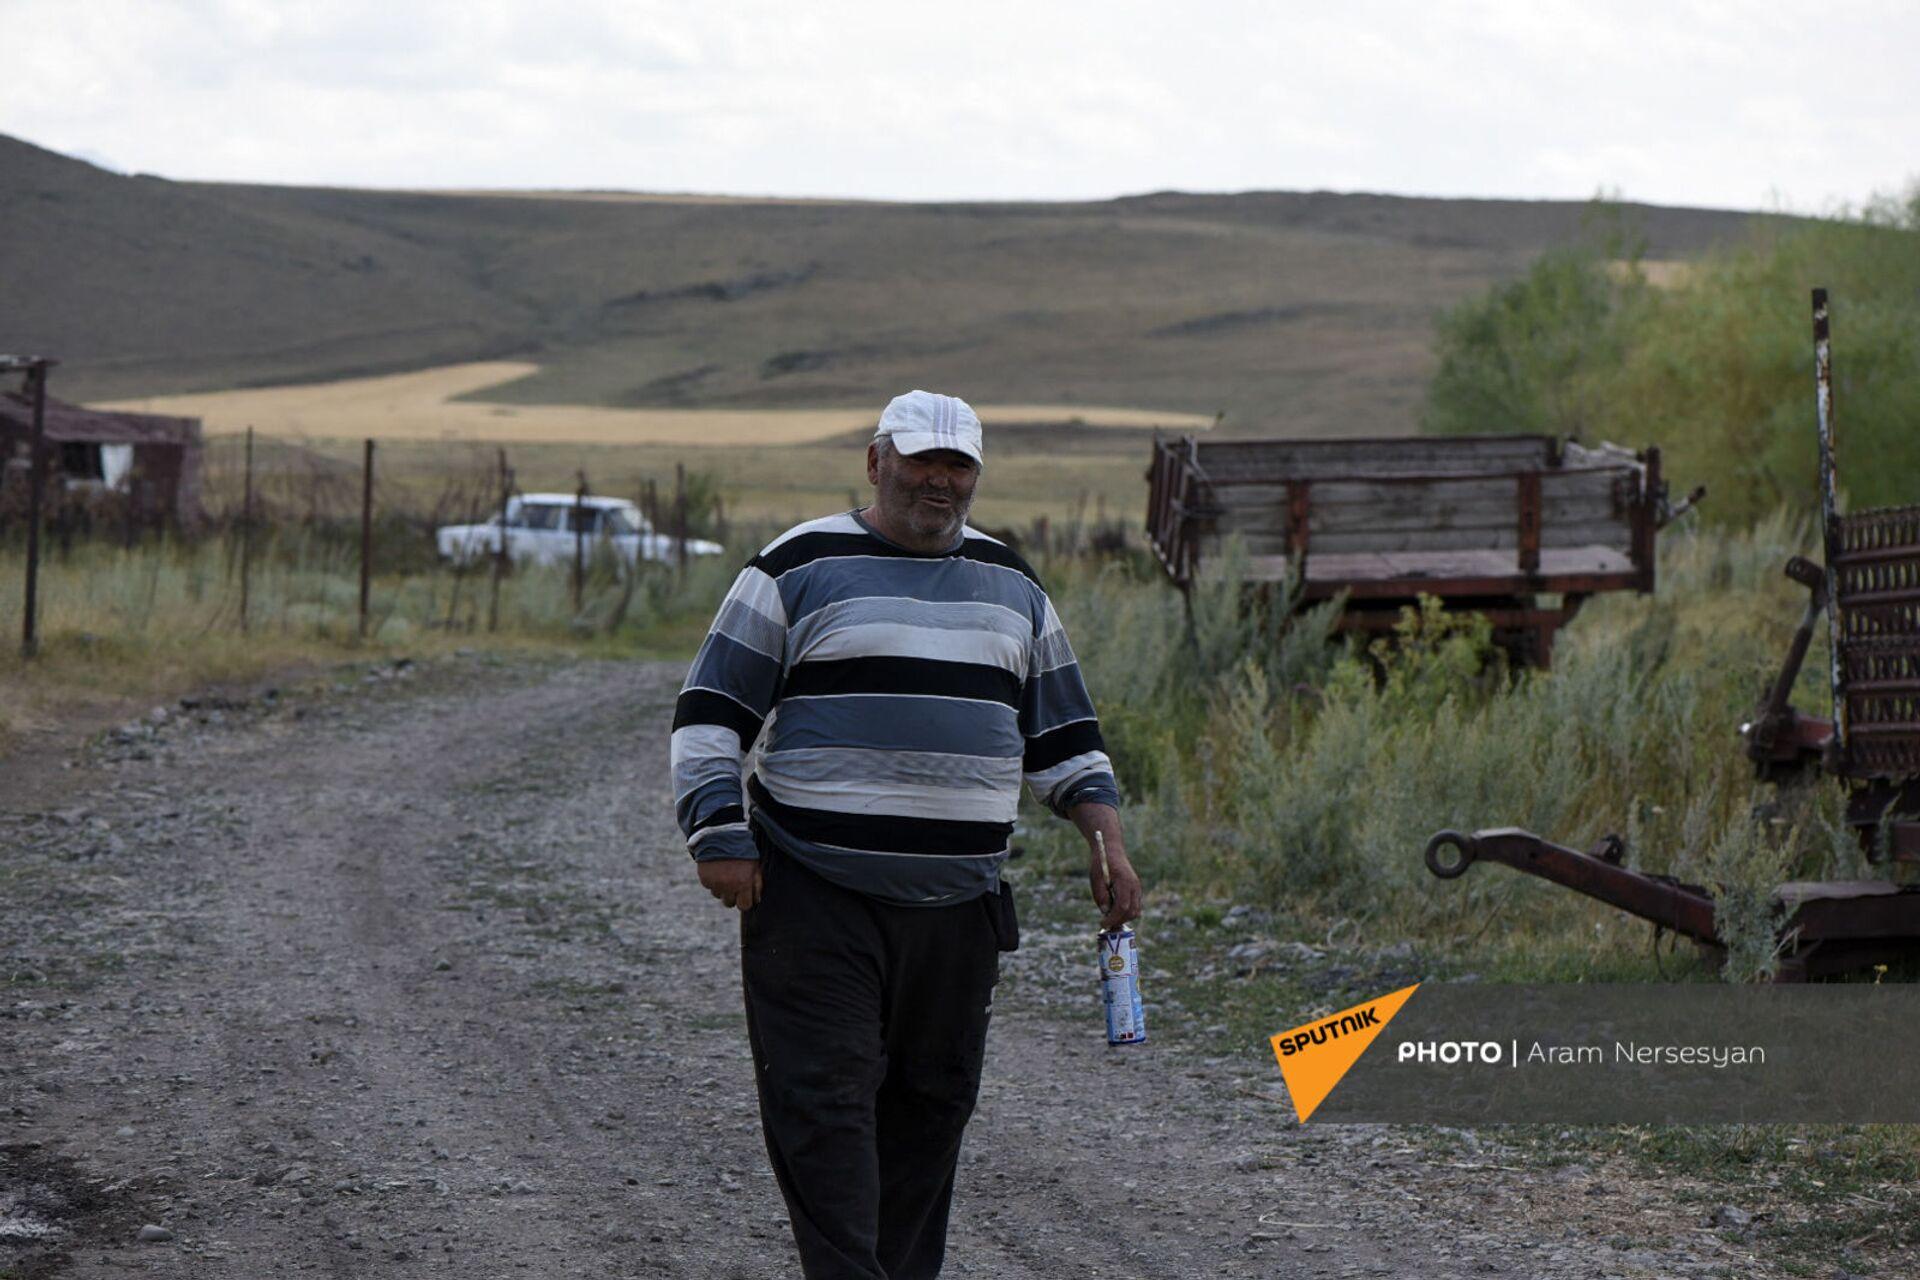 В Шираке высыхают поля с картофелем - откуда взять воду? - Sputnik Армения, 1920, 07.07.2021